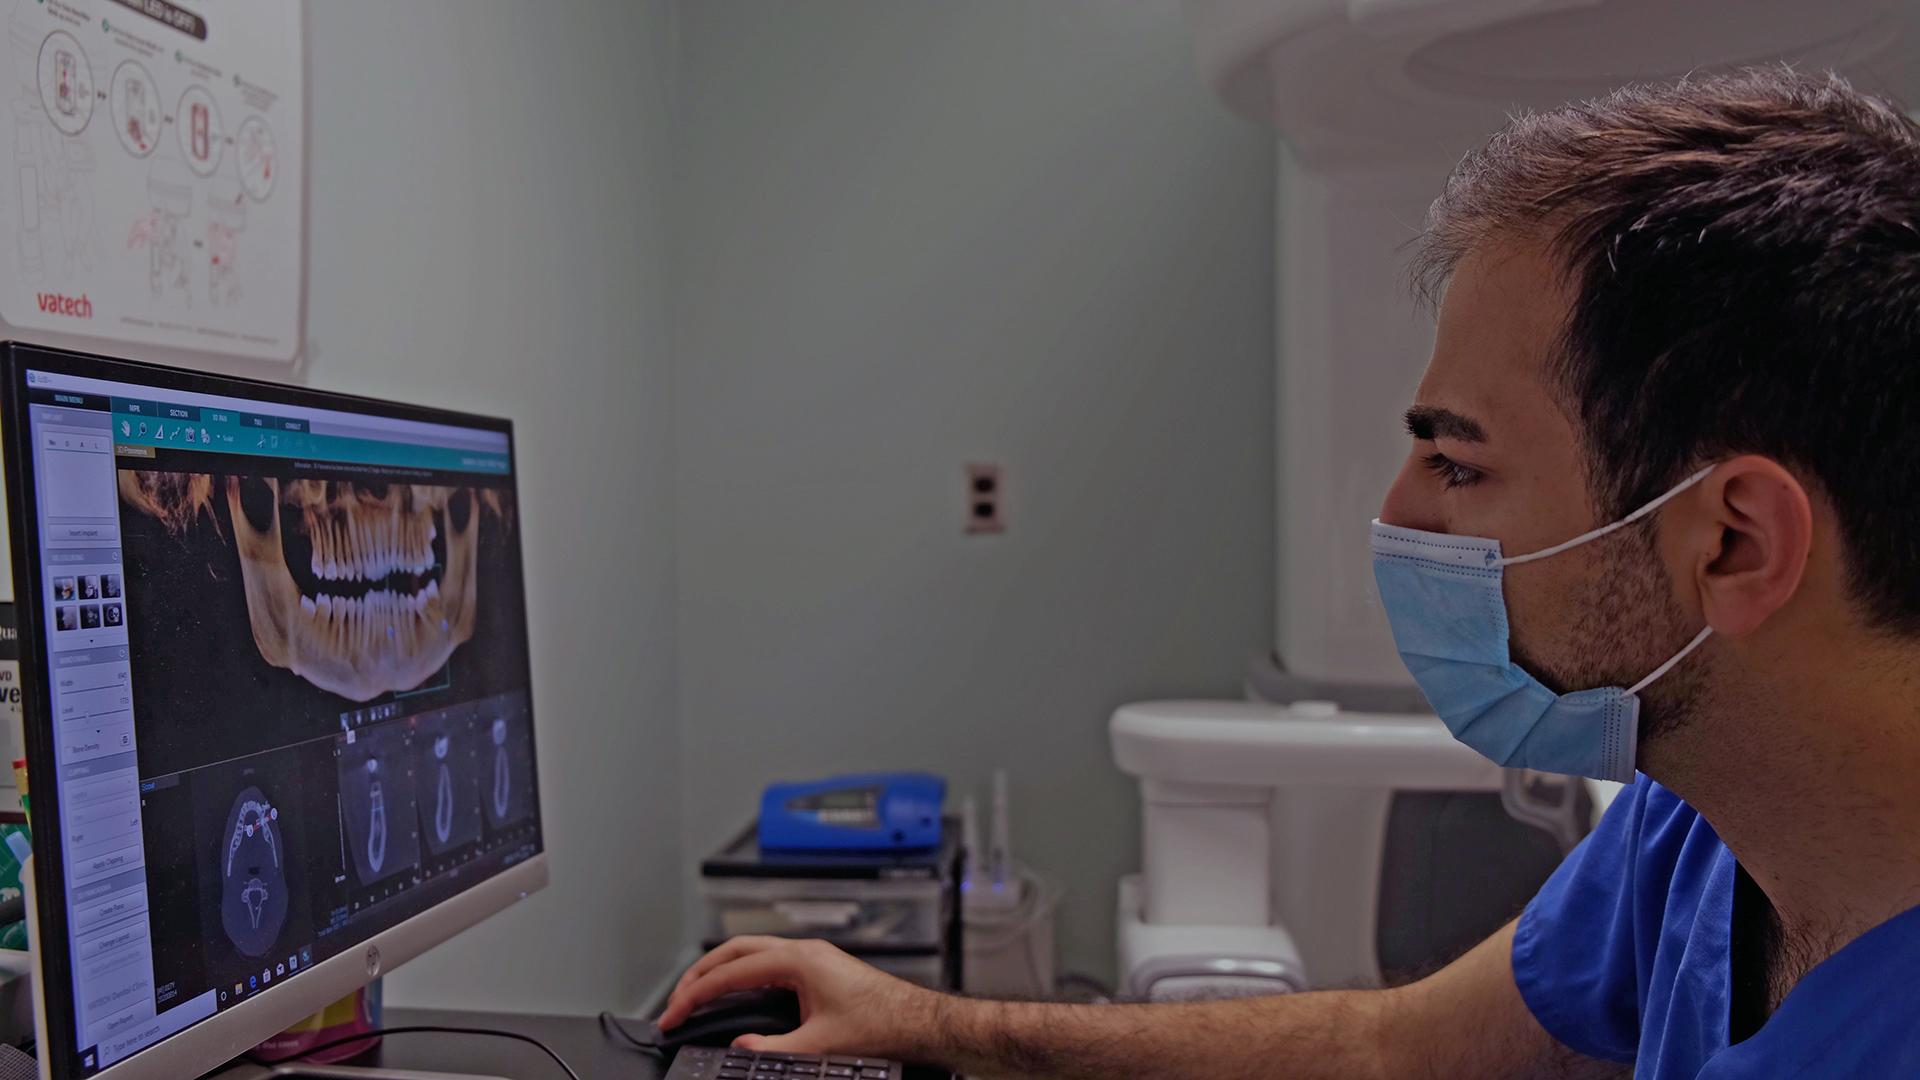 https://www.sbhny.org/orthodonticsresidency/wp-content/uploads/sites/17/2021/02/ortho-1-r-2.jpg